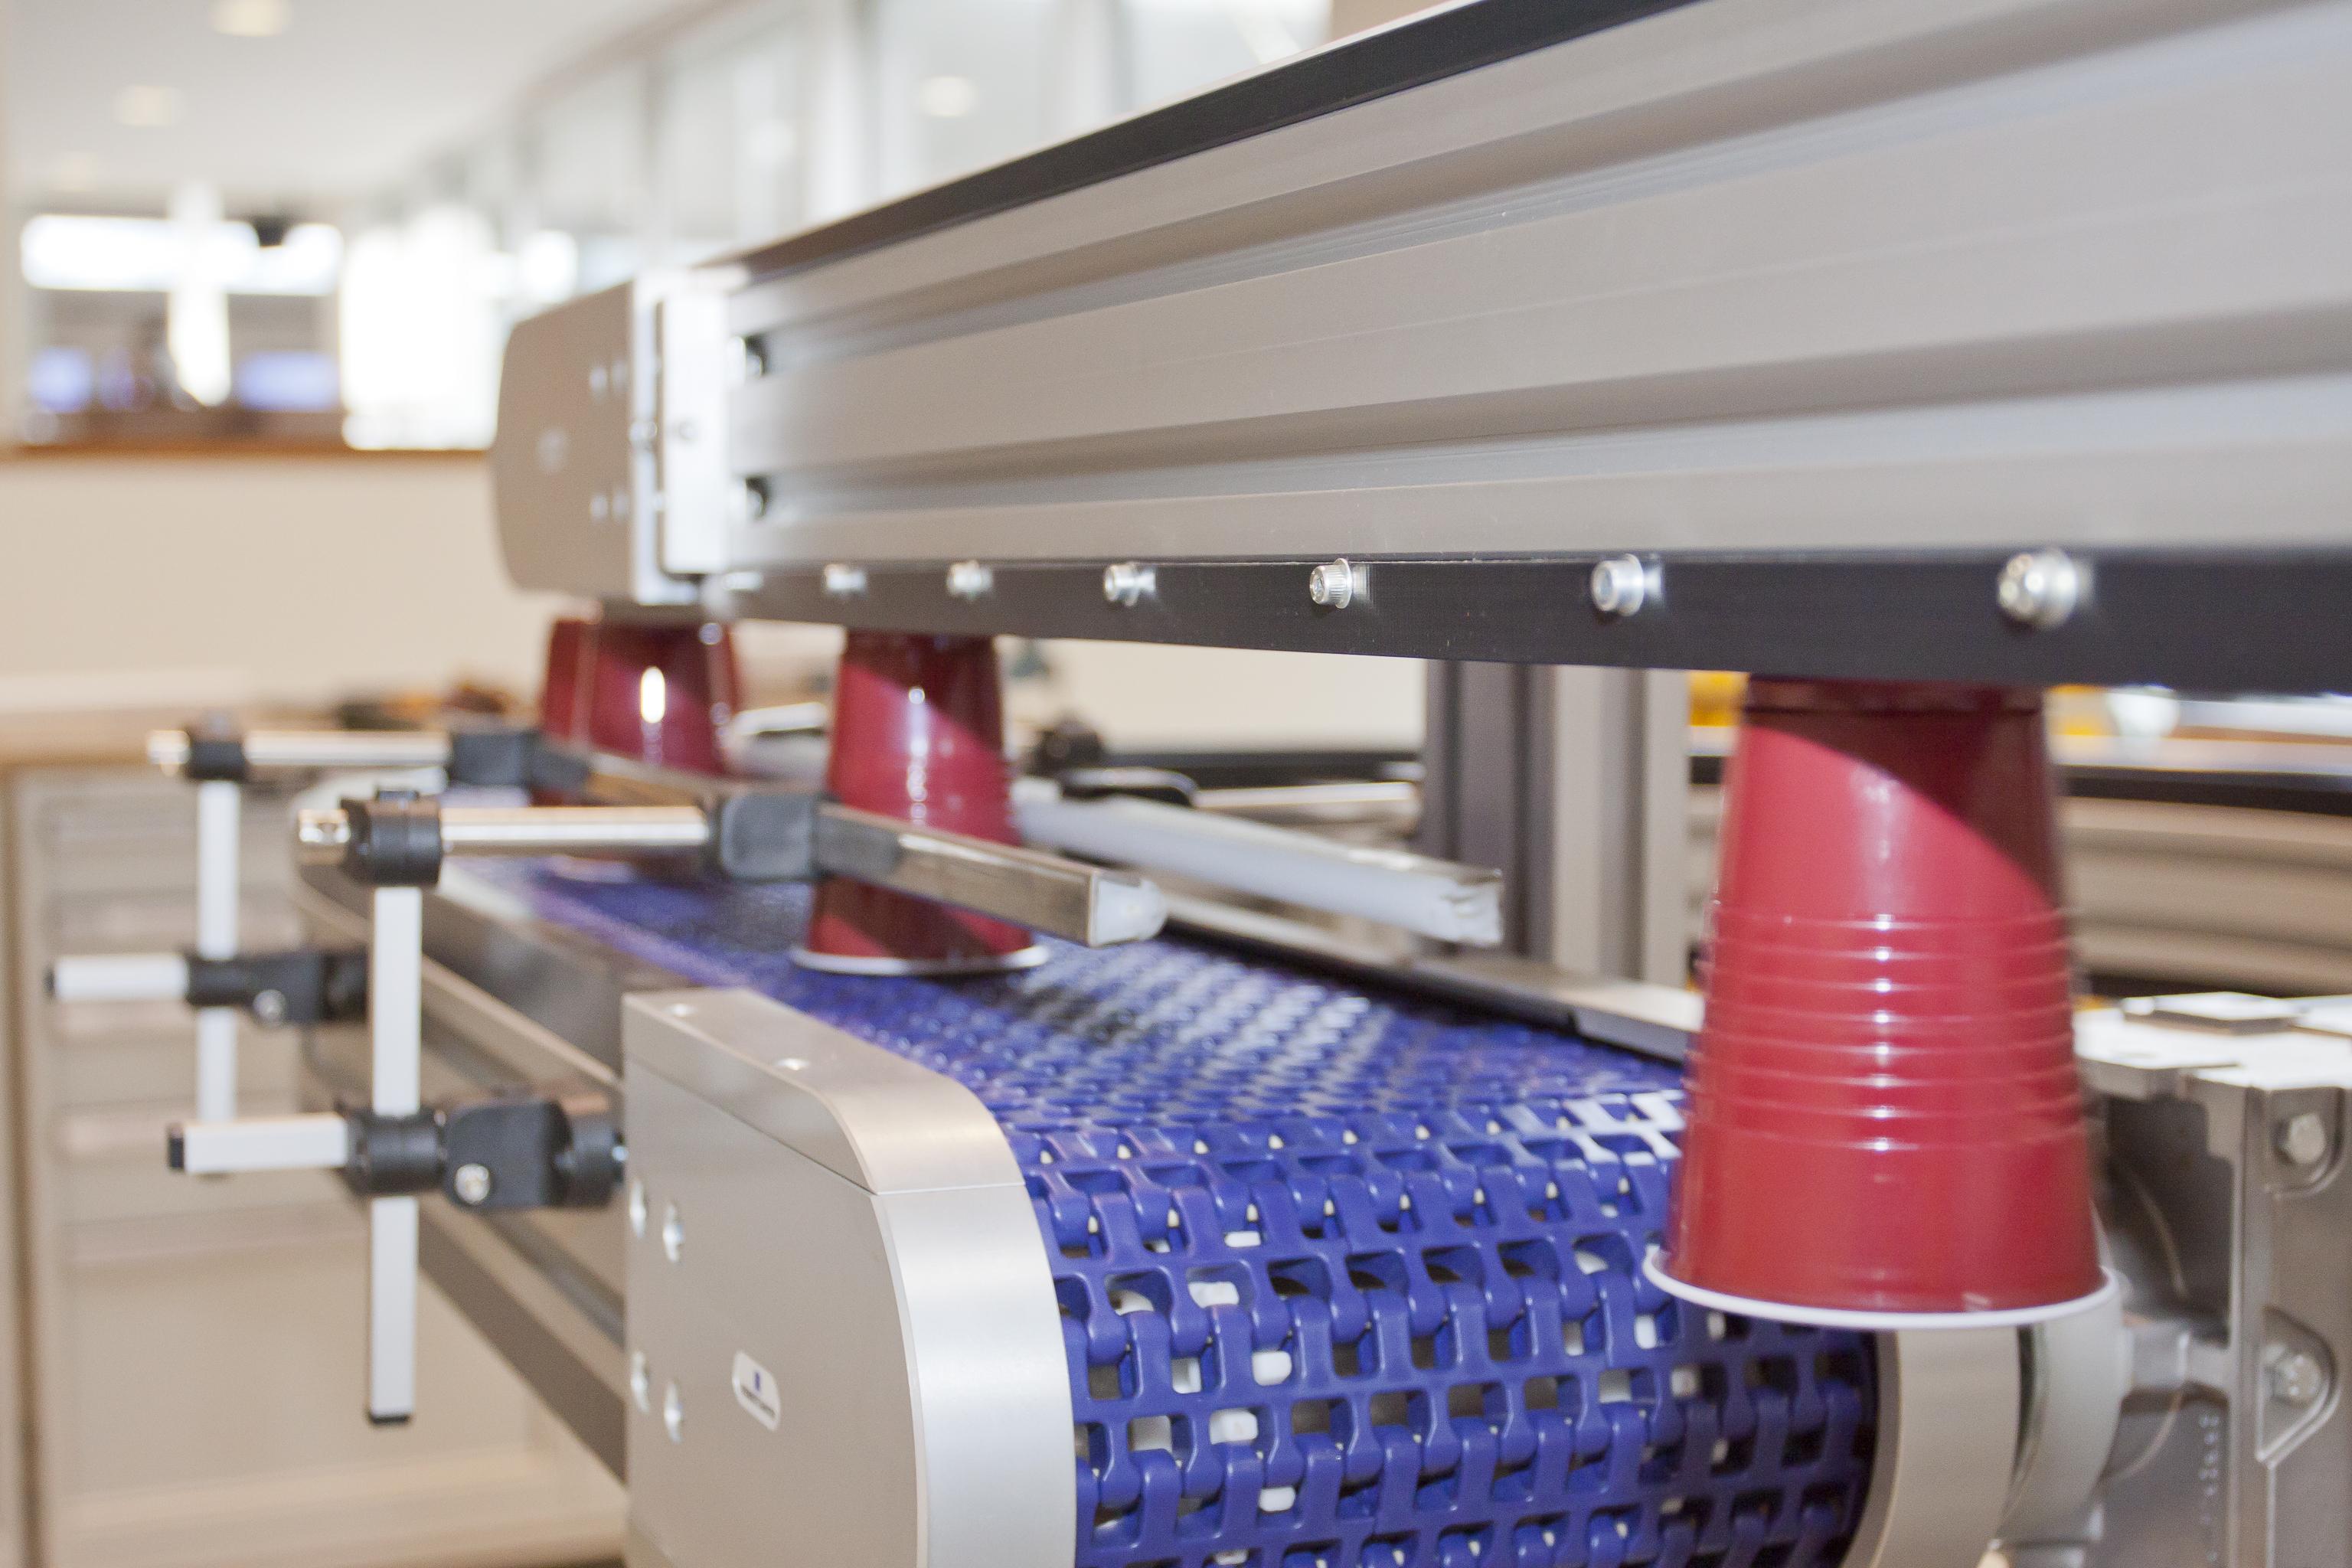 Modular Conveyor Supplier Robot Units